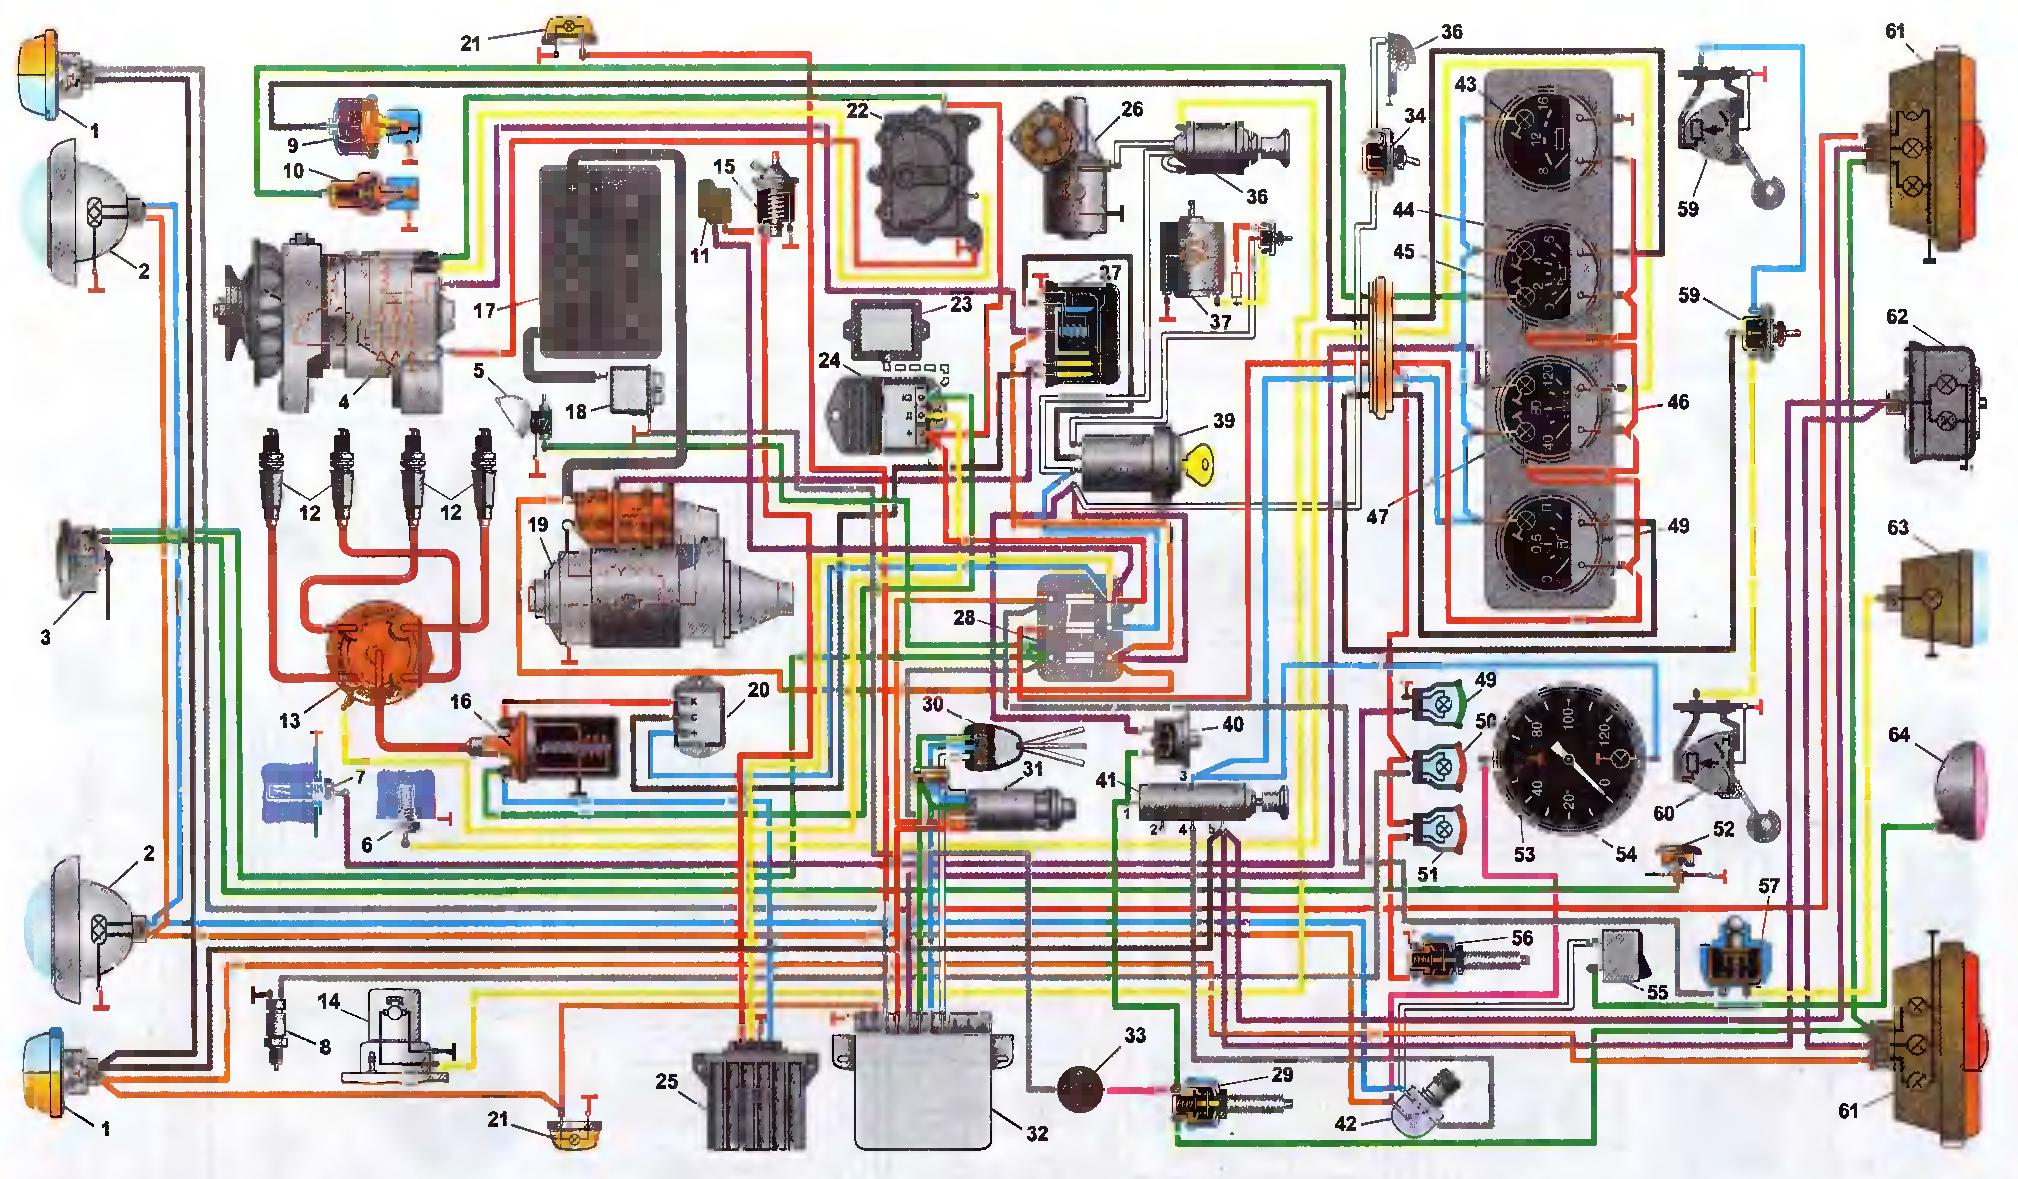 Реле поворотов уаз 469 схема подключения